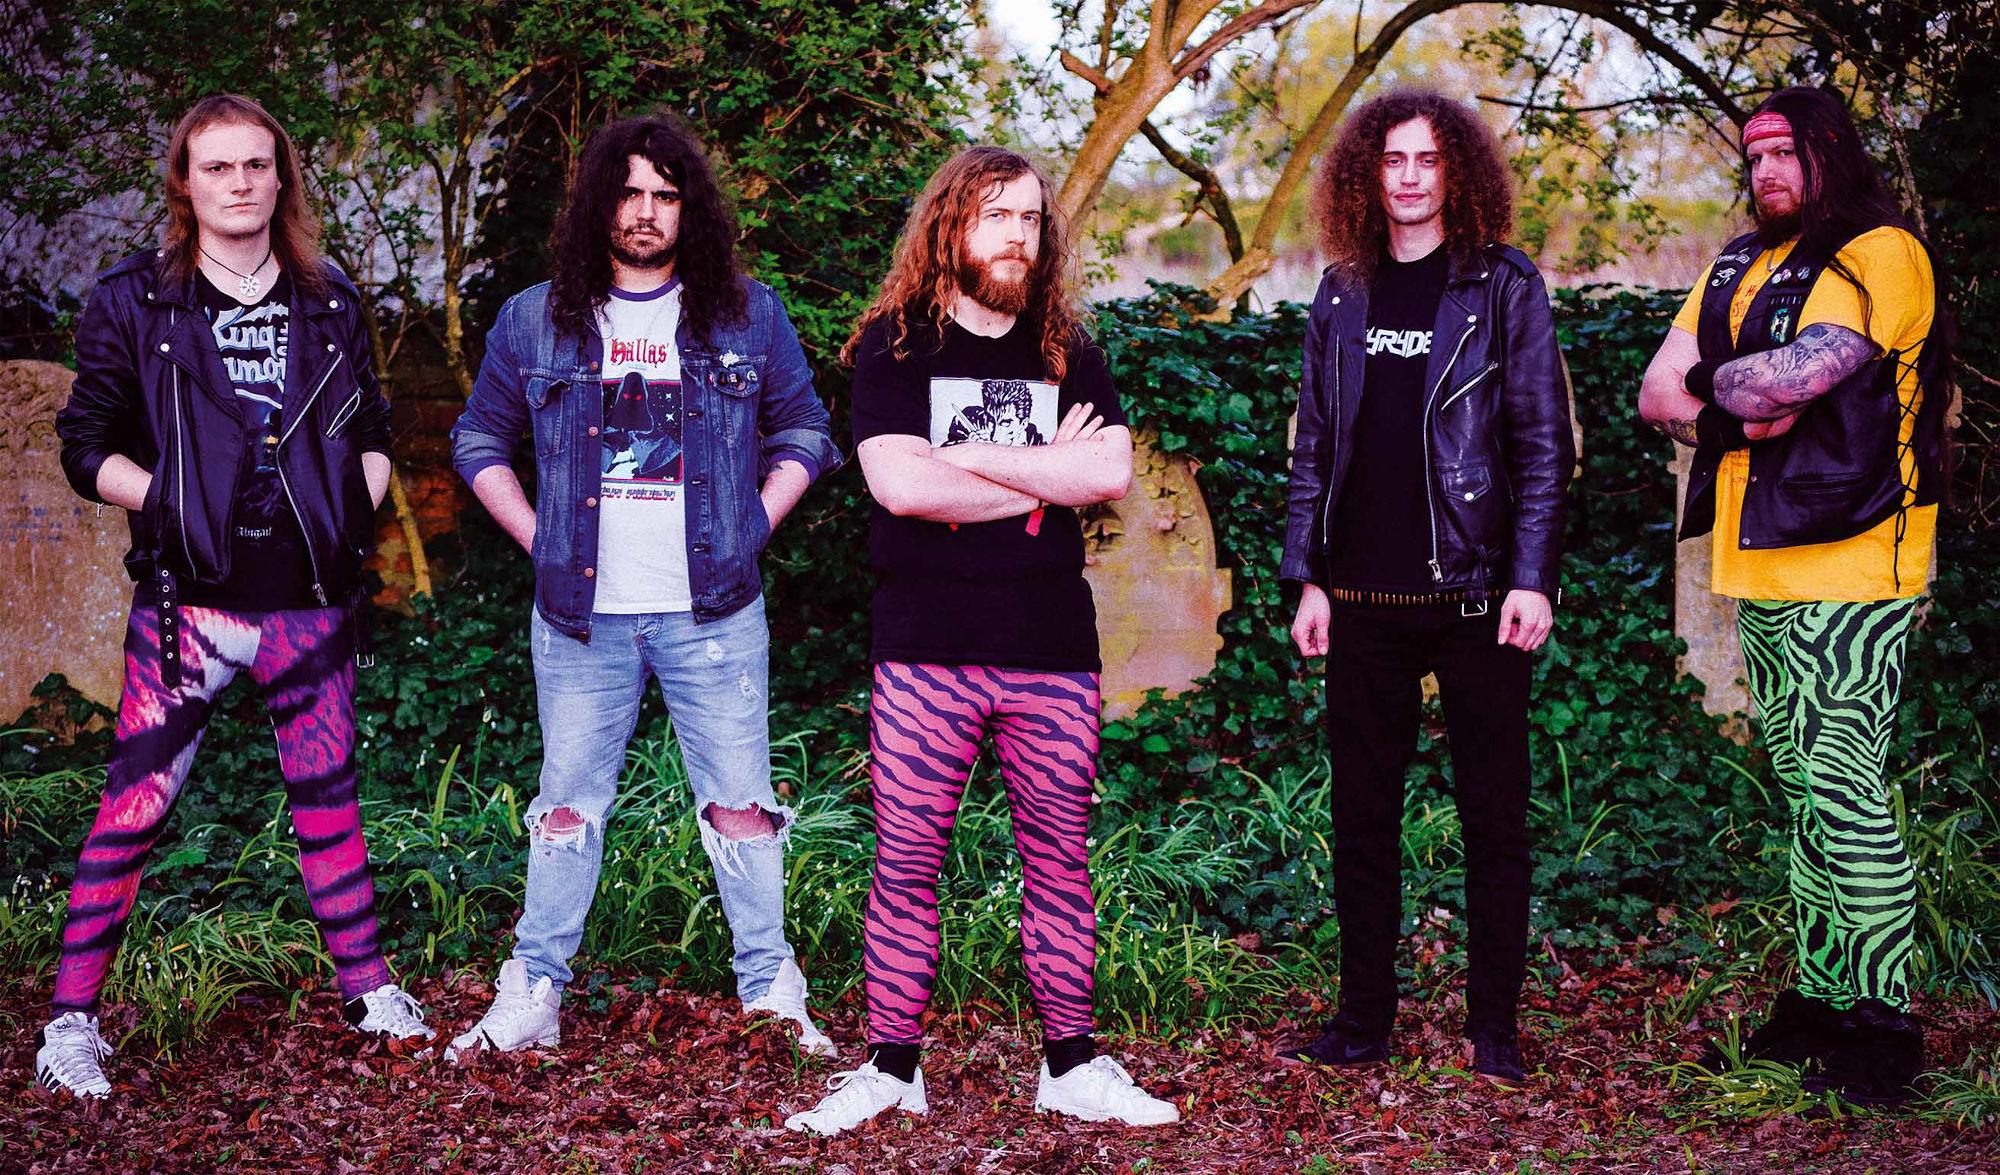 Ein Foto der Band Skyryder